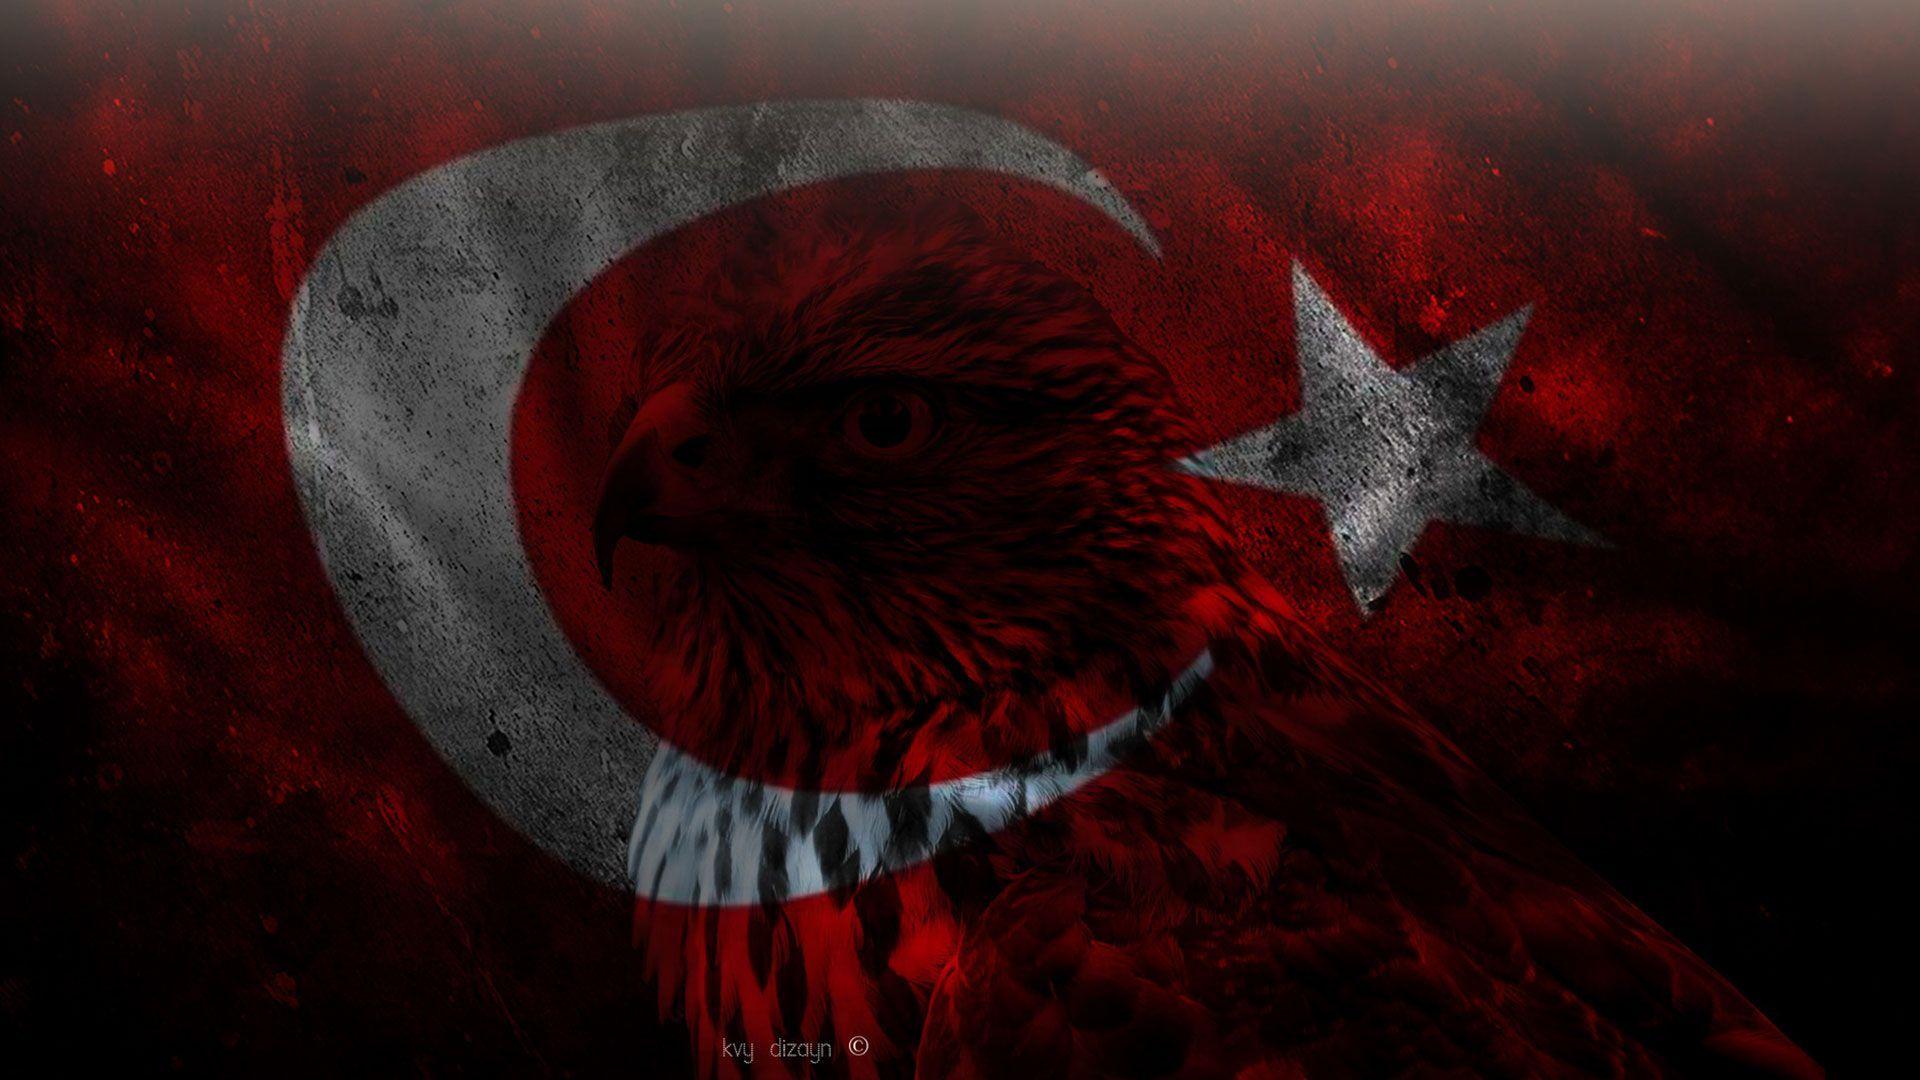 Hd Türk Bayrağı Arkaplan Resimleri Mustafa Painting Wallpaper